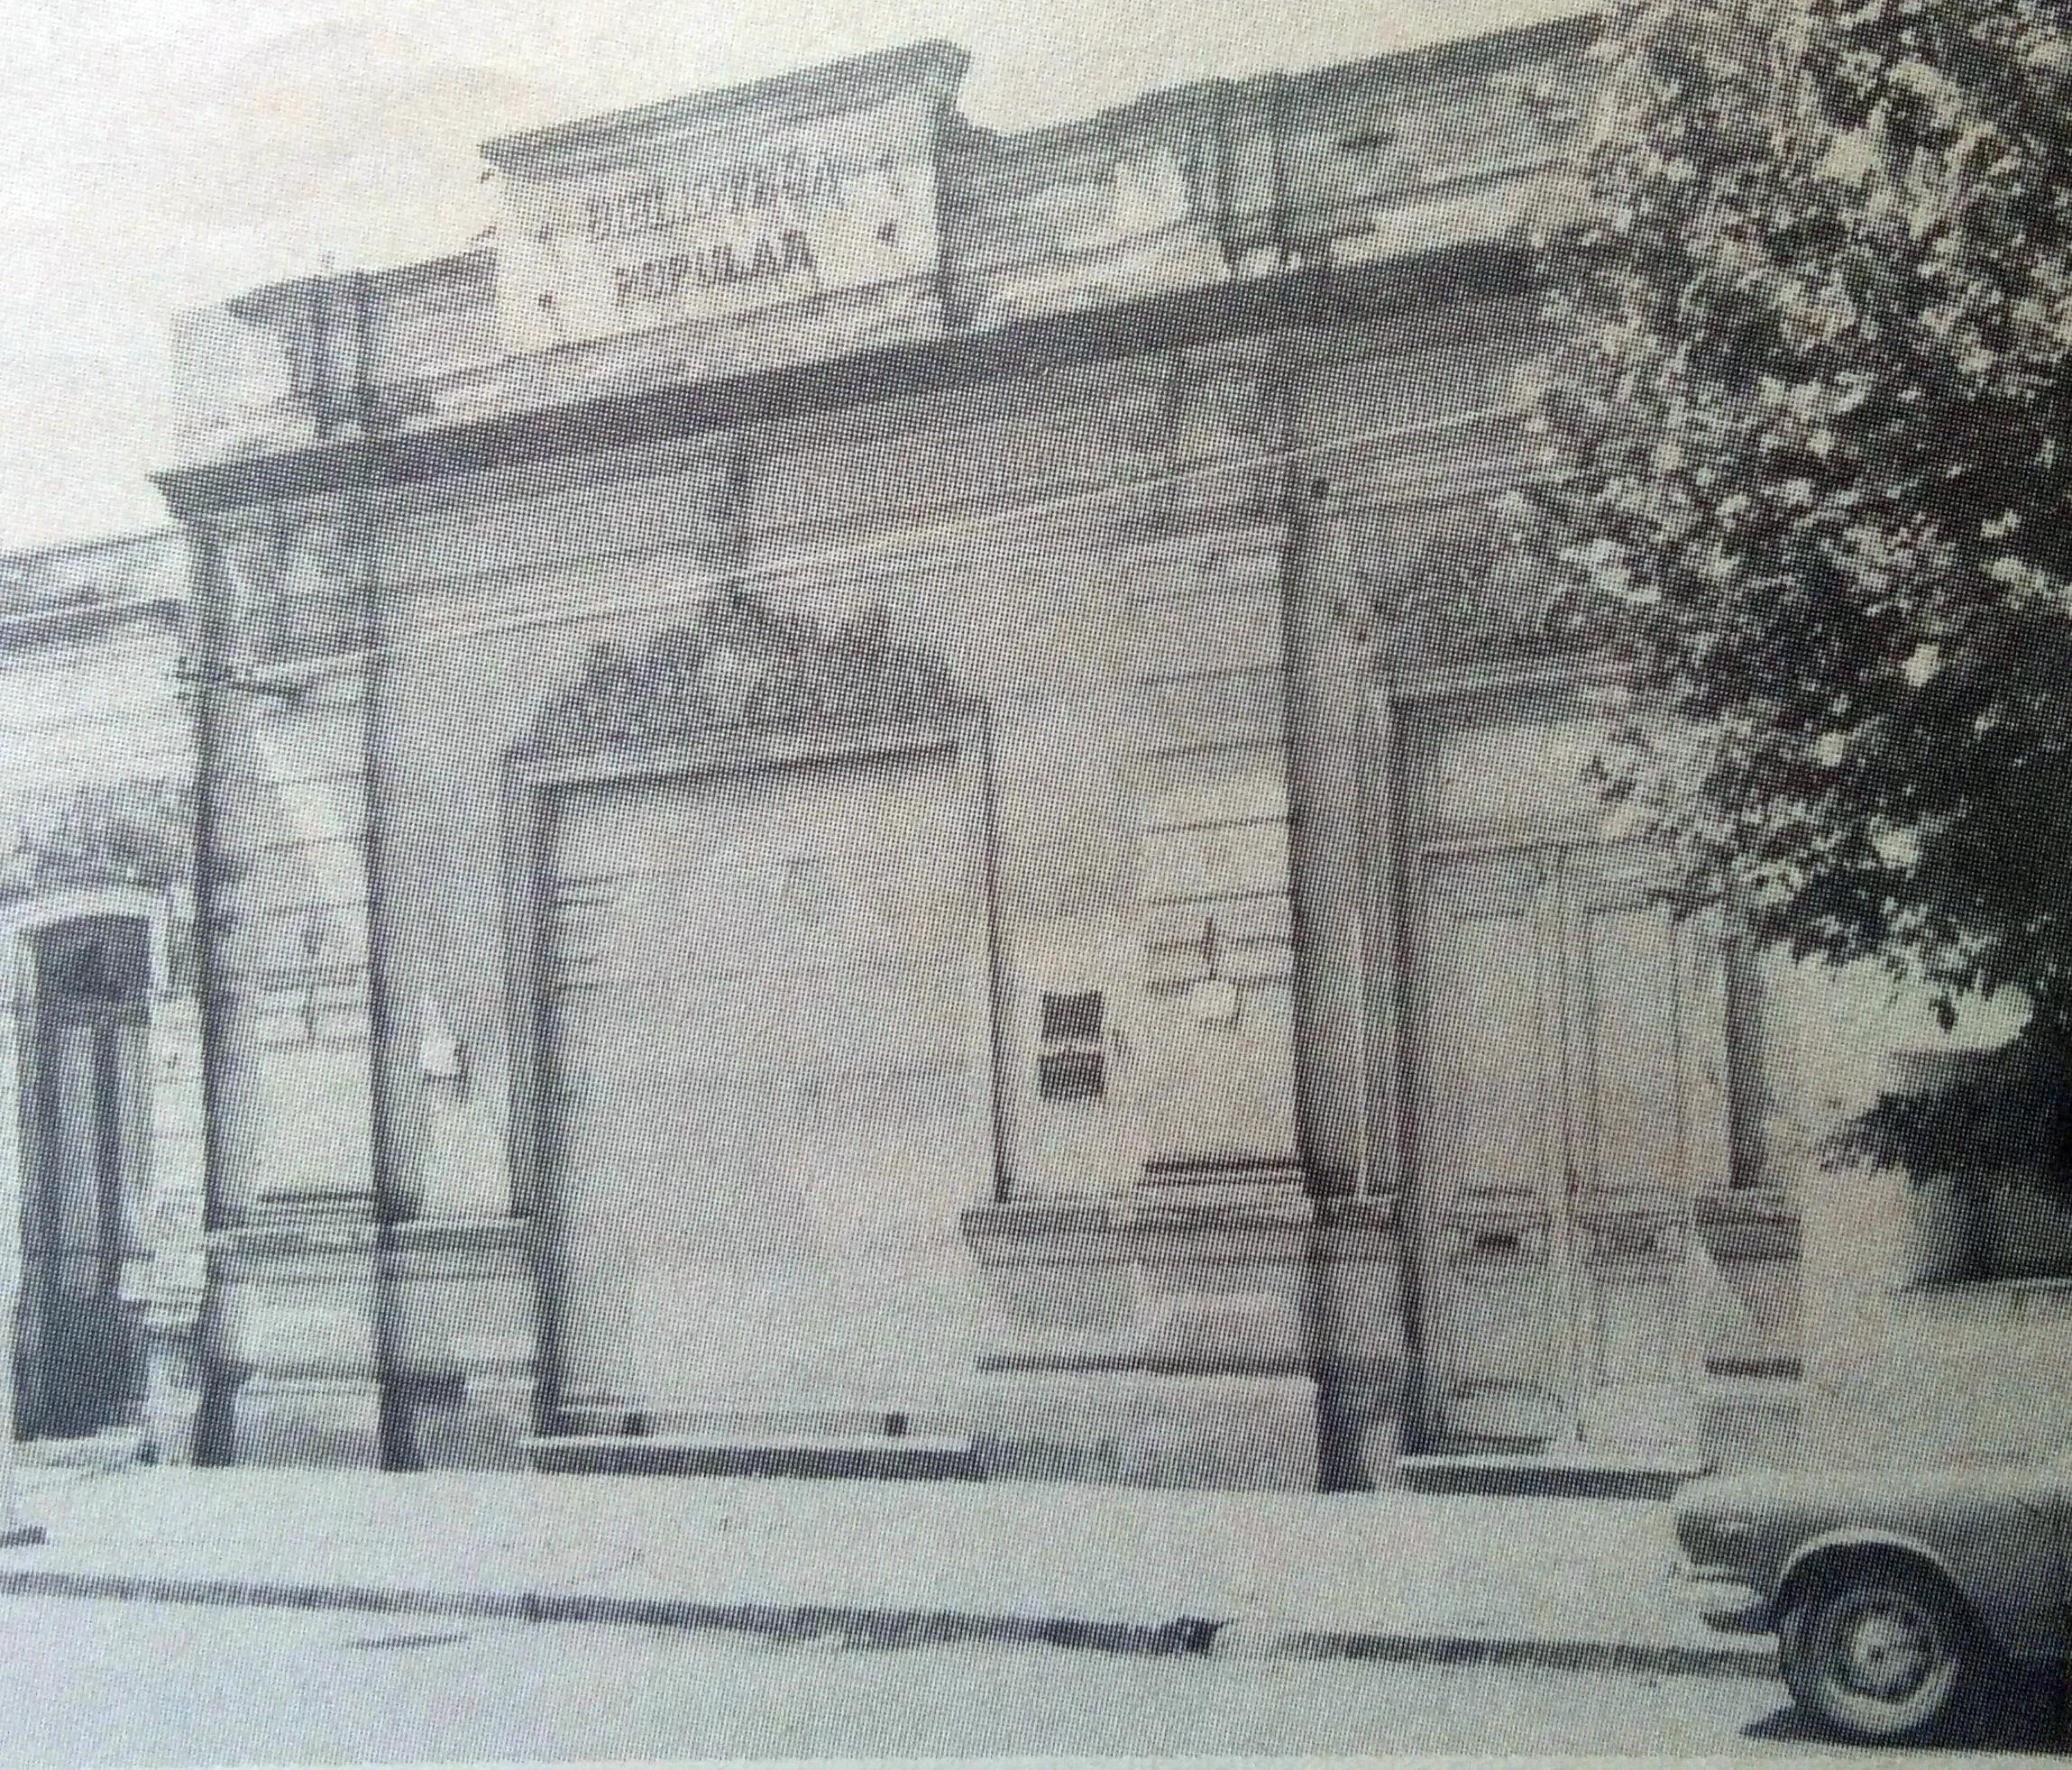 """Fachada de la antigua Biblioteca Popular """"Dr. Antonio Novaro"""", ubicada en la primera cuadra de la calle Gral. Frías. Allí funcionó, desde 1906 hasta 1979. En ese lugar, desarrolló una infatigable labor, la poetisa, docente y bibliotecaria, Eloísa Gutiérrez (Musmée)."""